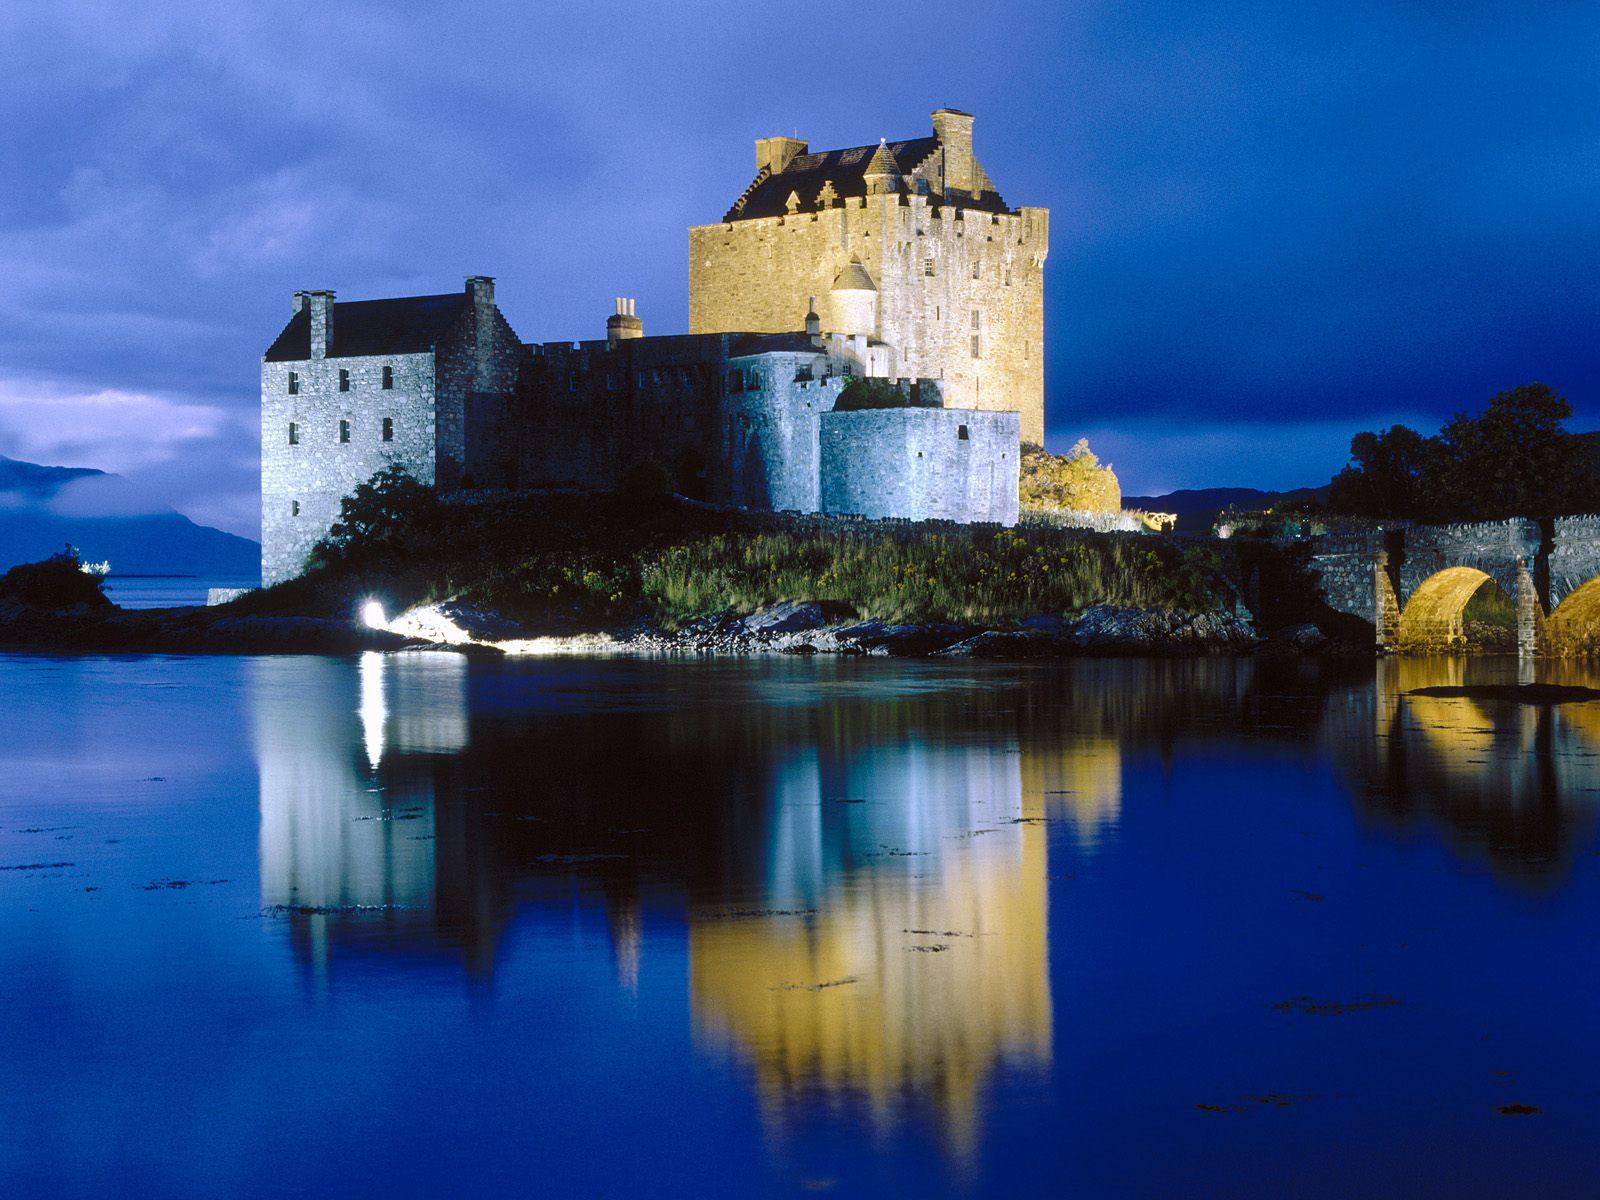 http://3.bp.blogspot.com/_HkbWdsz-H8g/S73mFMeP7AI/AAAAAAAAILs/doGR22X4mh8/s1600/Evening+Falls+on+Eilean+Donan+Castle,+Scotland.jpg